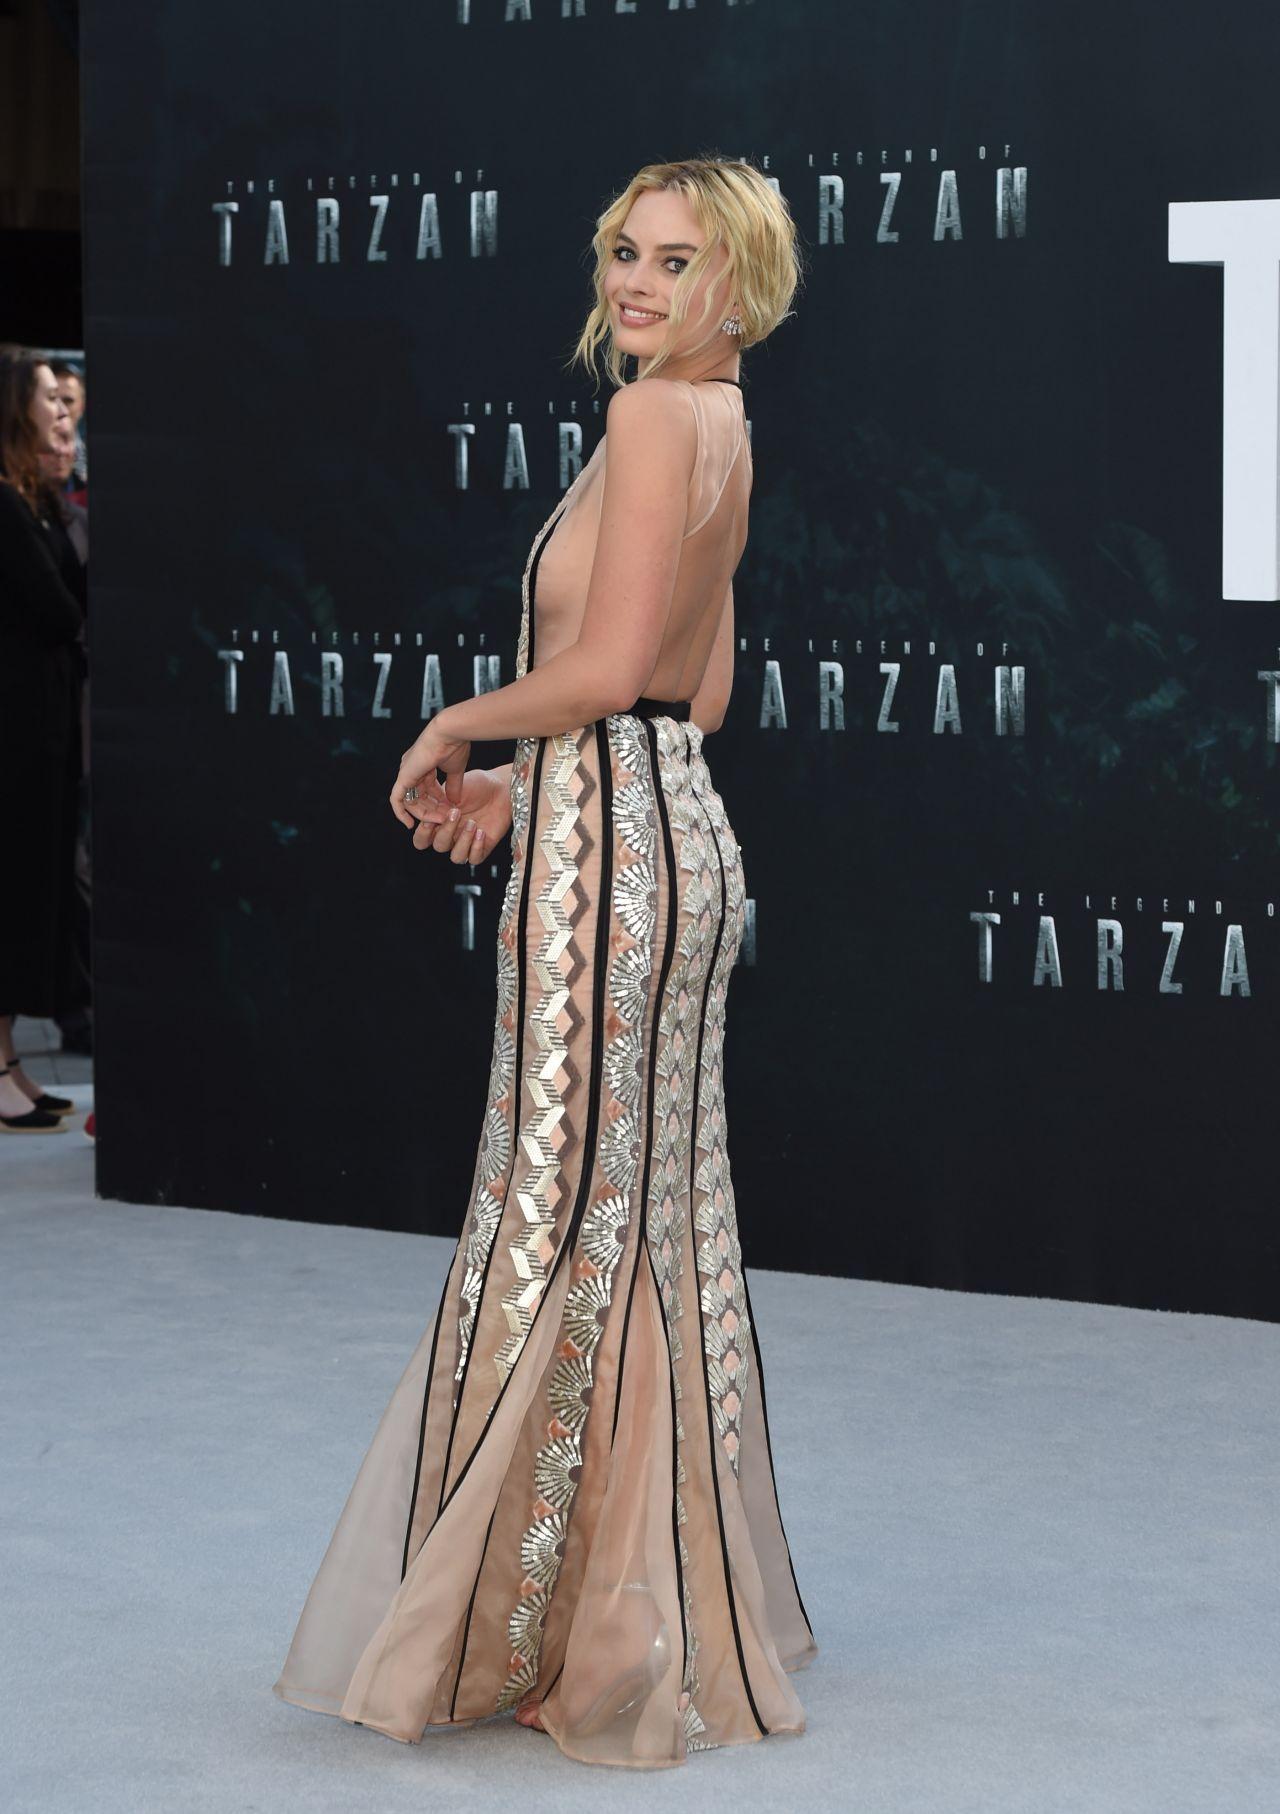 Margot Robbie – The Legend Tarzan Premiere in London UK